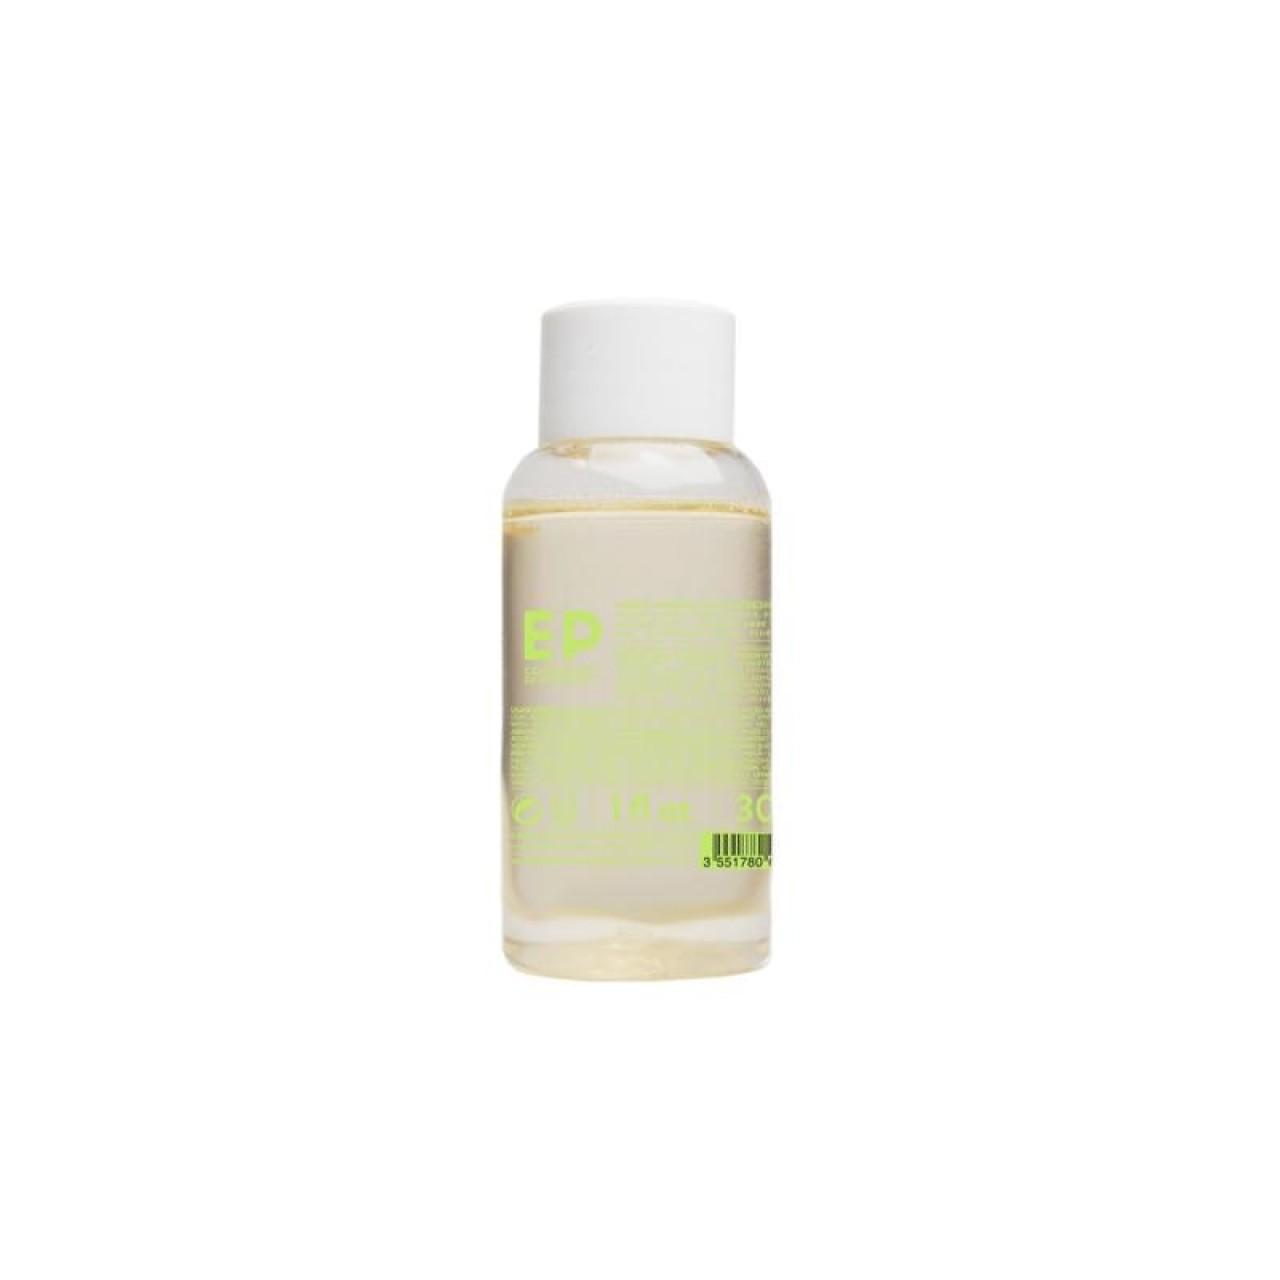 Sapone Liquido di Marsiglia alla Verbena Fresca 30 ml Compagnie de Provence Italia CPPF0101SL030VE-01